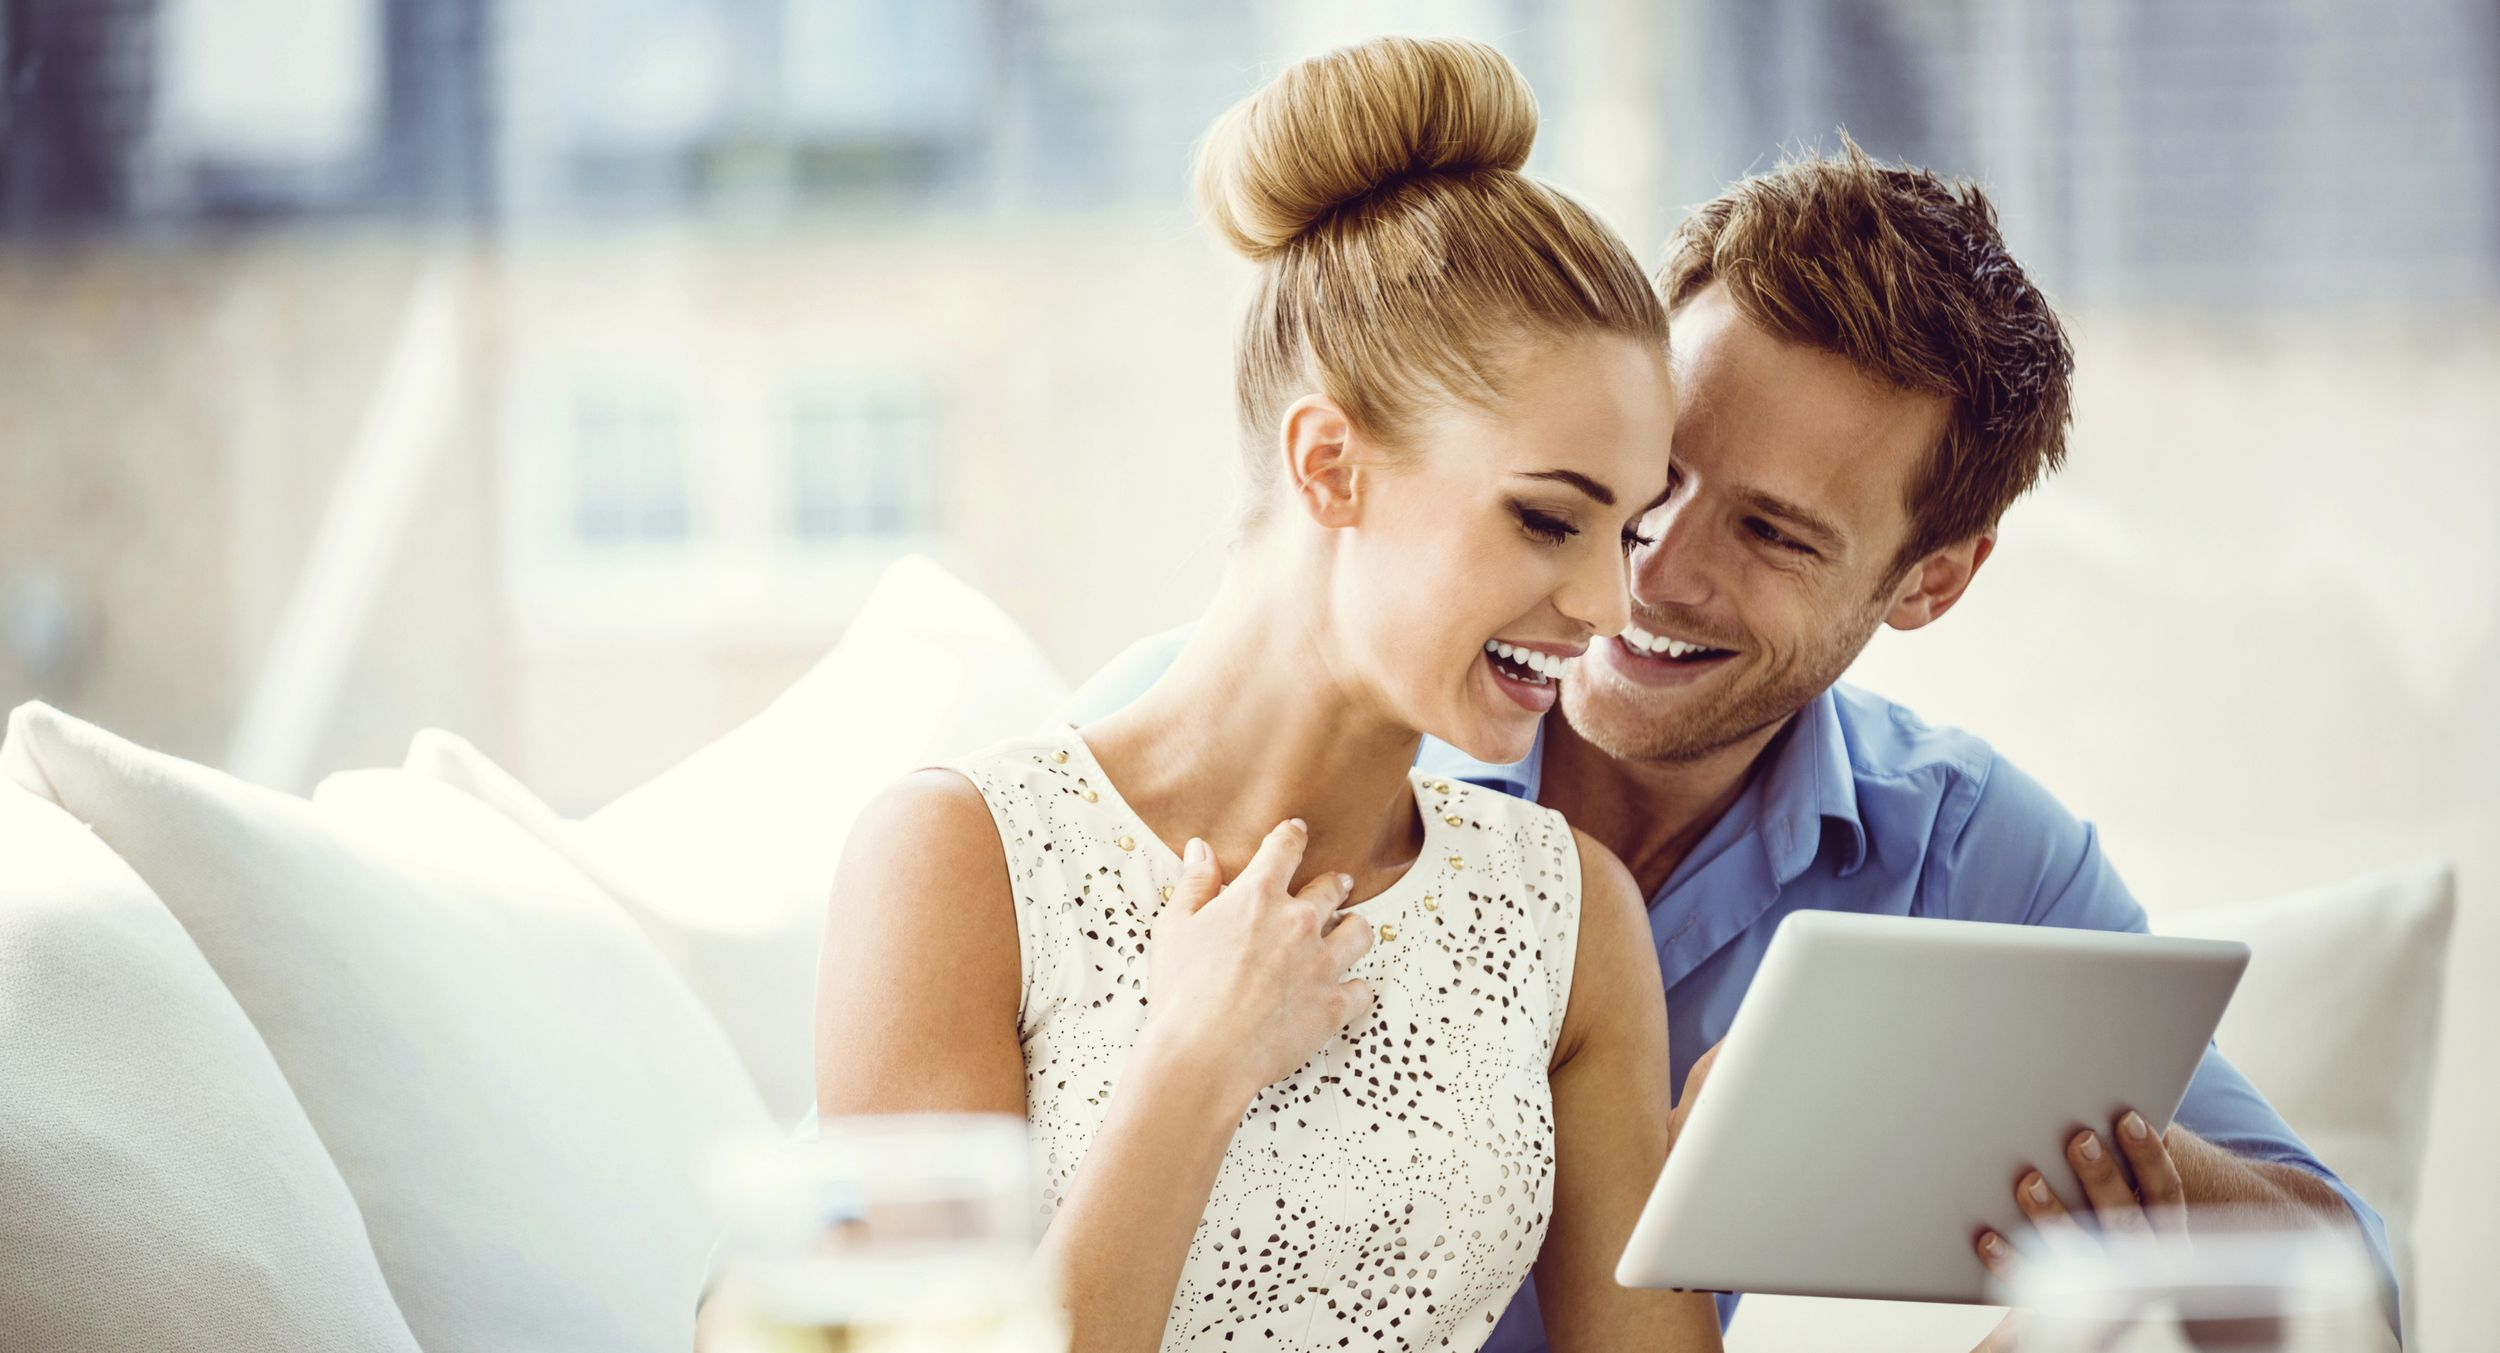 házasság nem randevúk ost megáll a szerelem most letölt